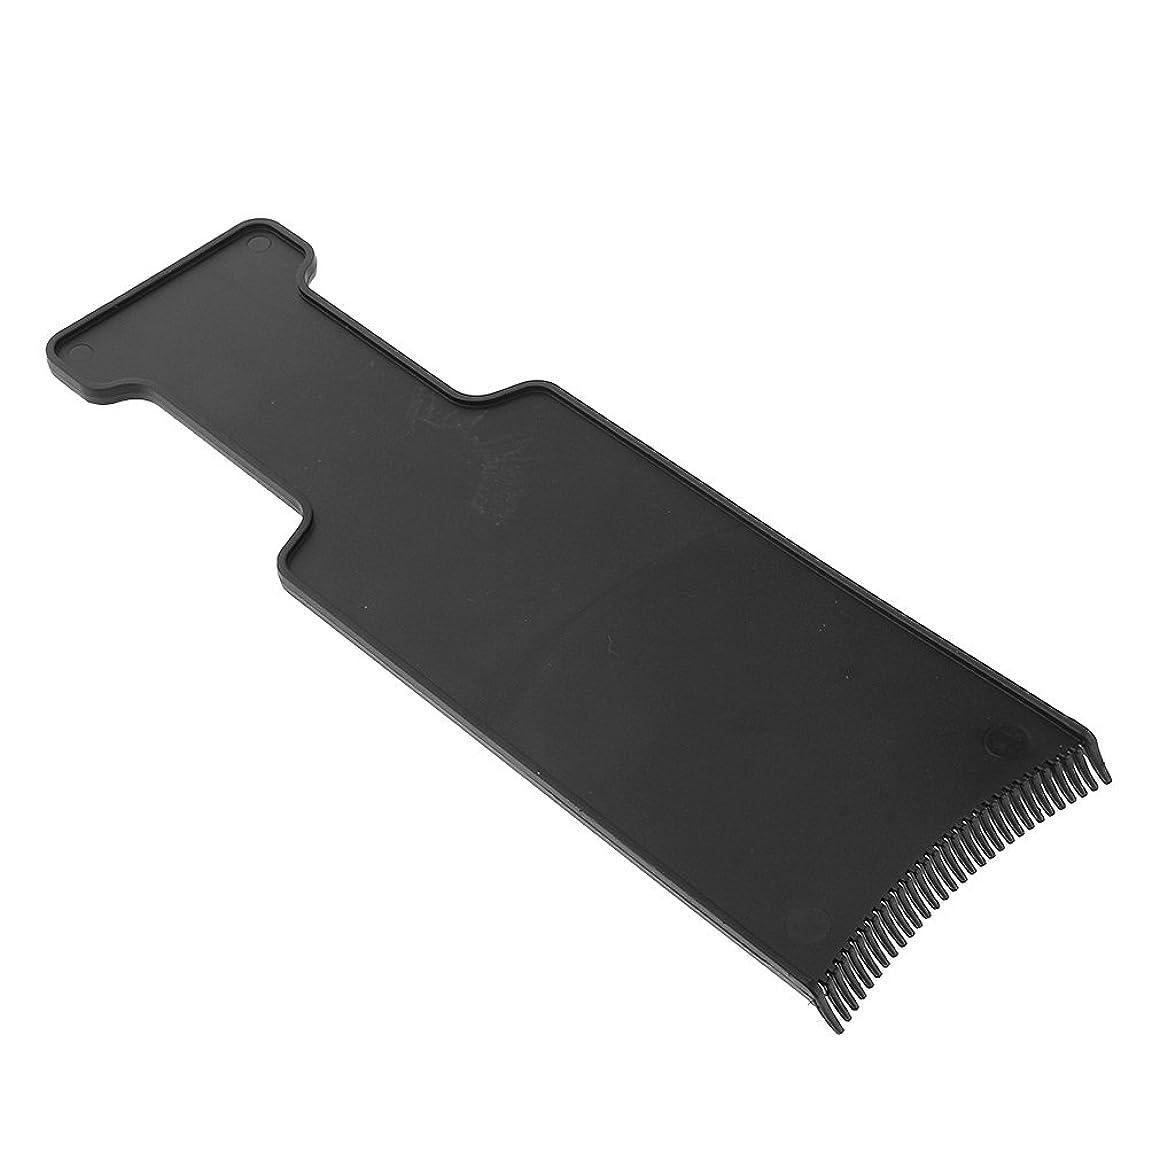 急いで第二任意Homyl ヘアカラー ボード 染色 ツール ブラック 全4サイズ - M